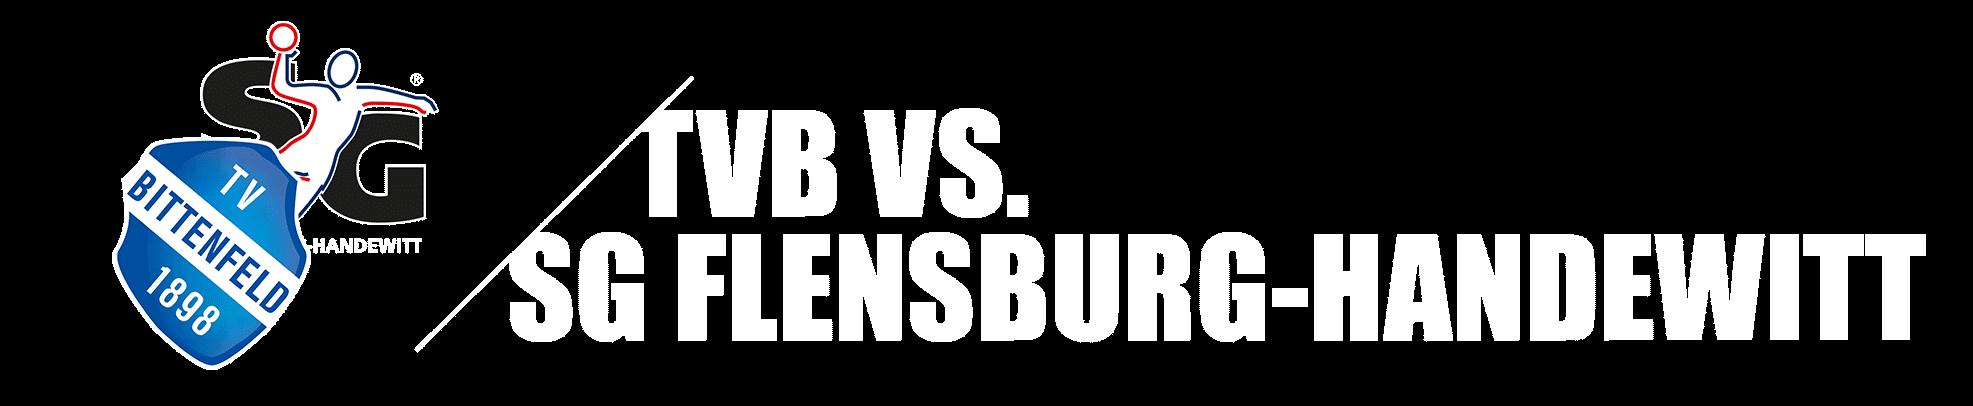 tvb-vs-flensburg-handewitt